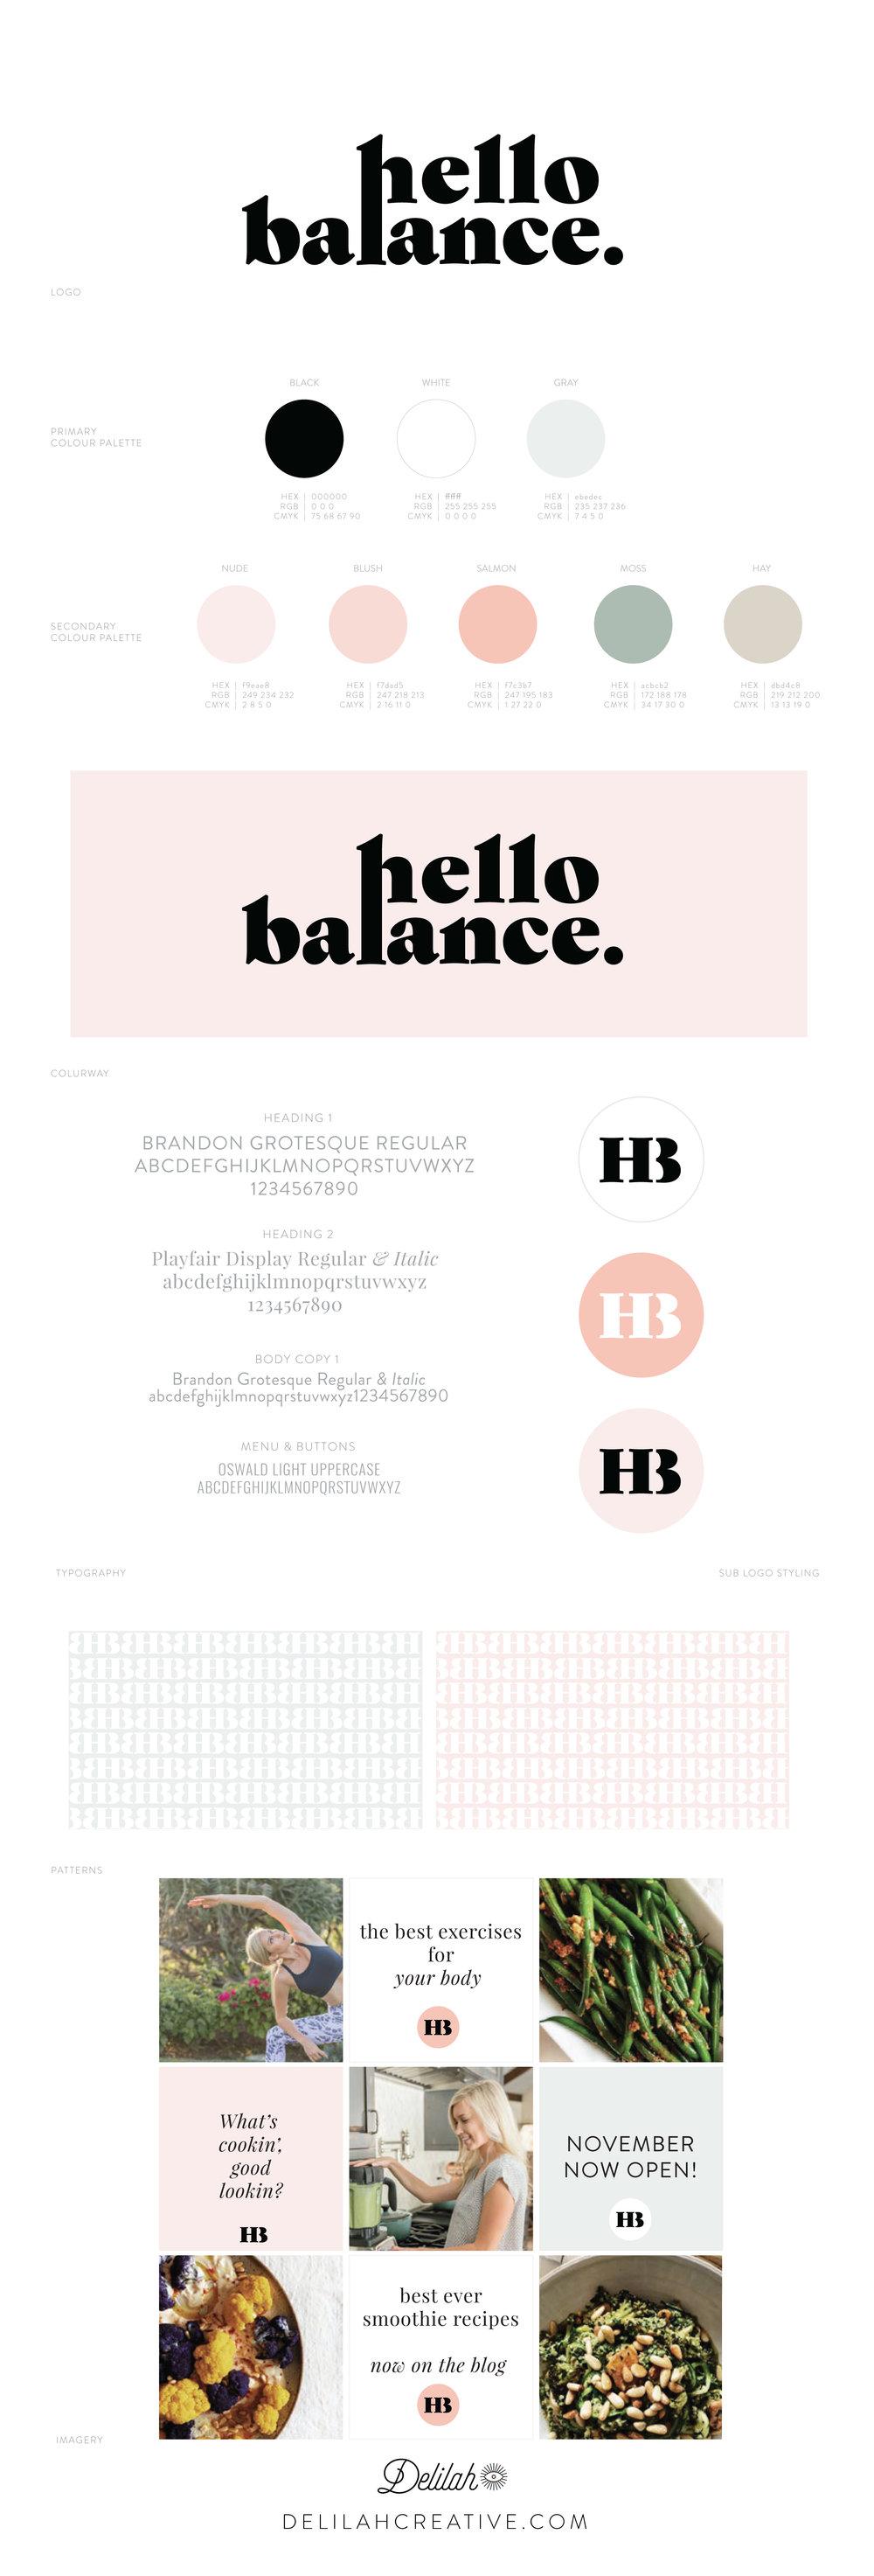 HB - Pinterest-02.jpg